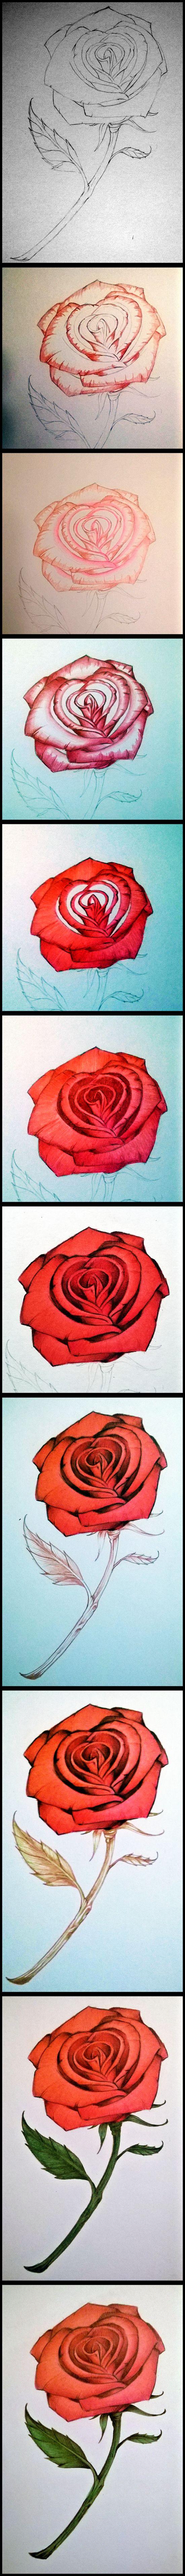 colored pencil rose